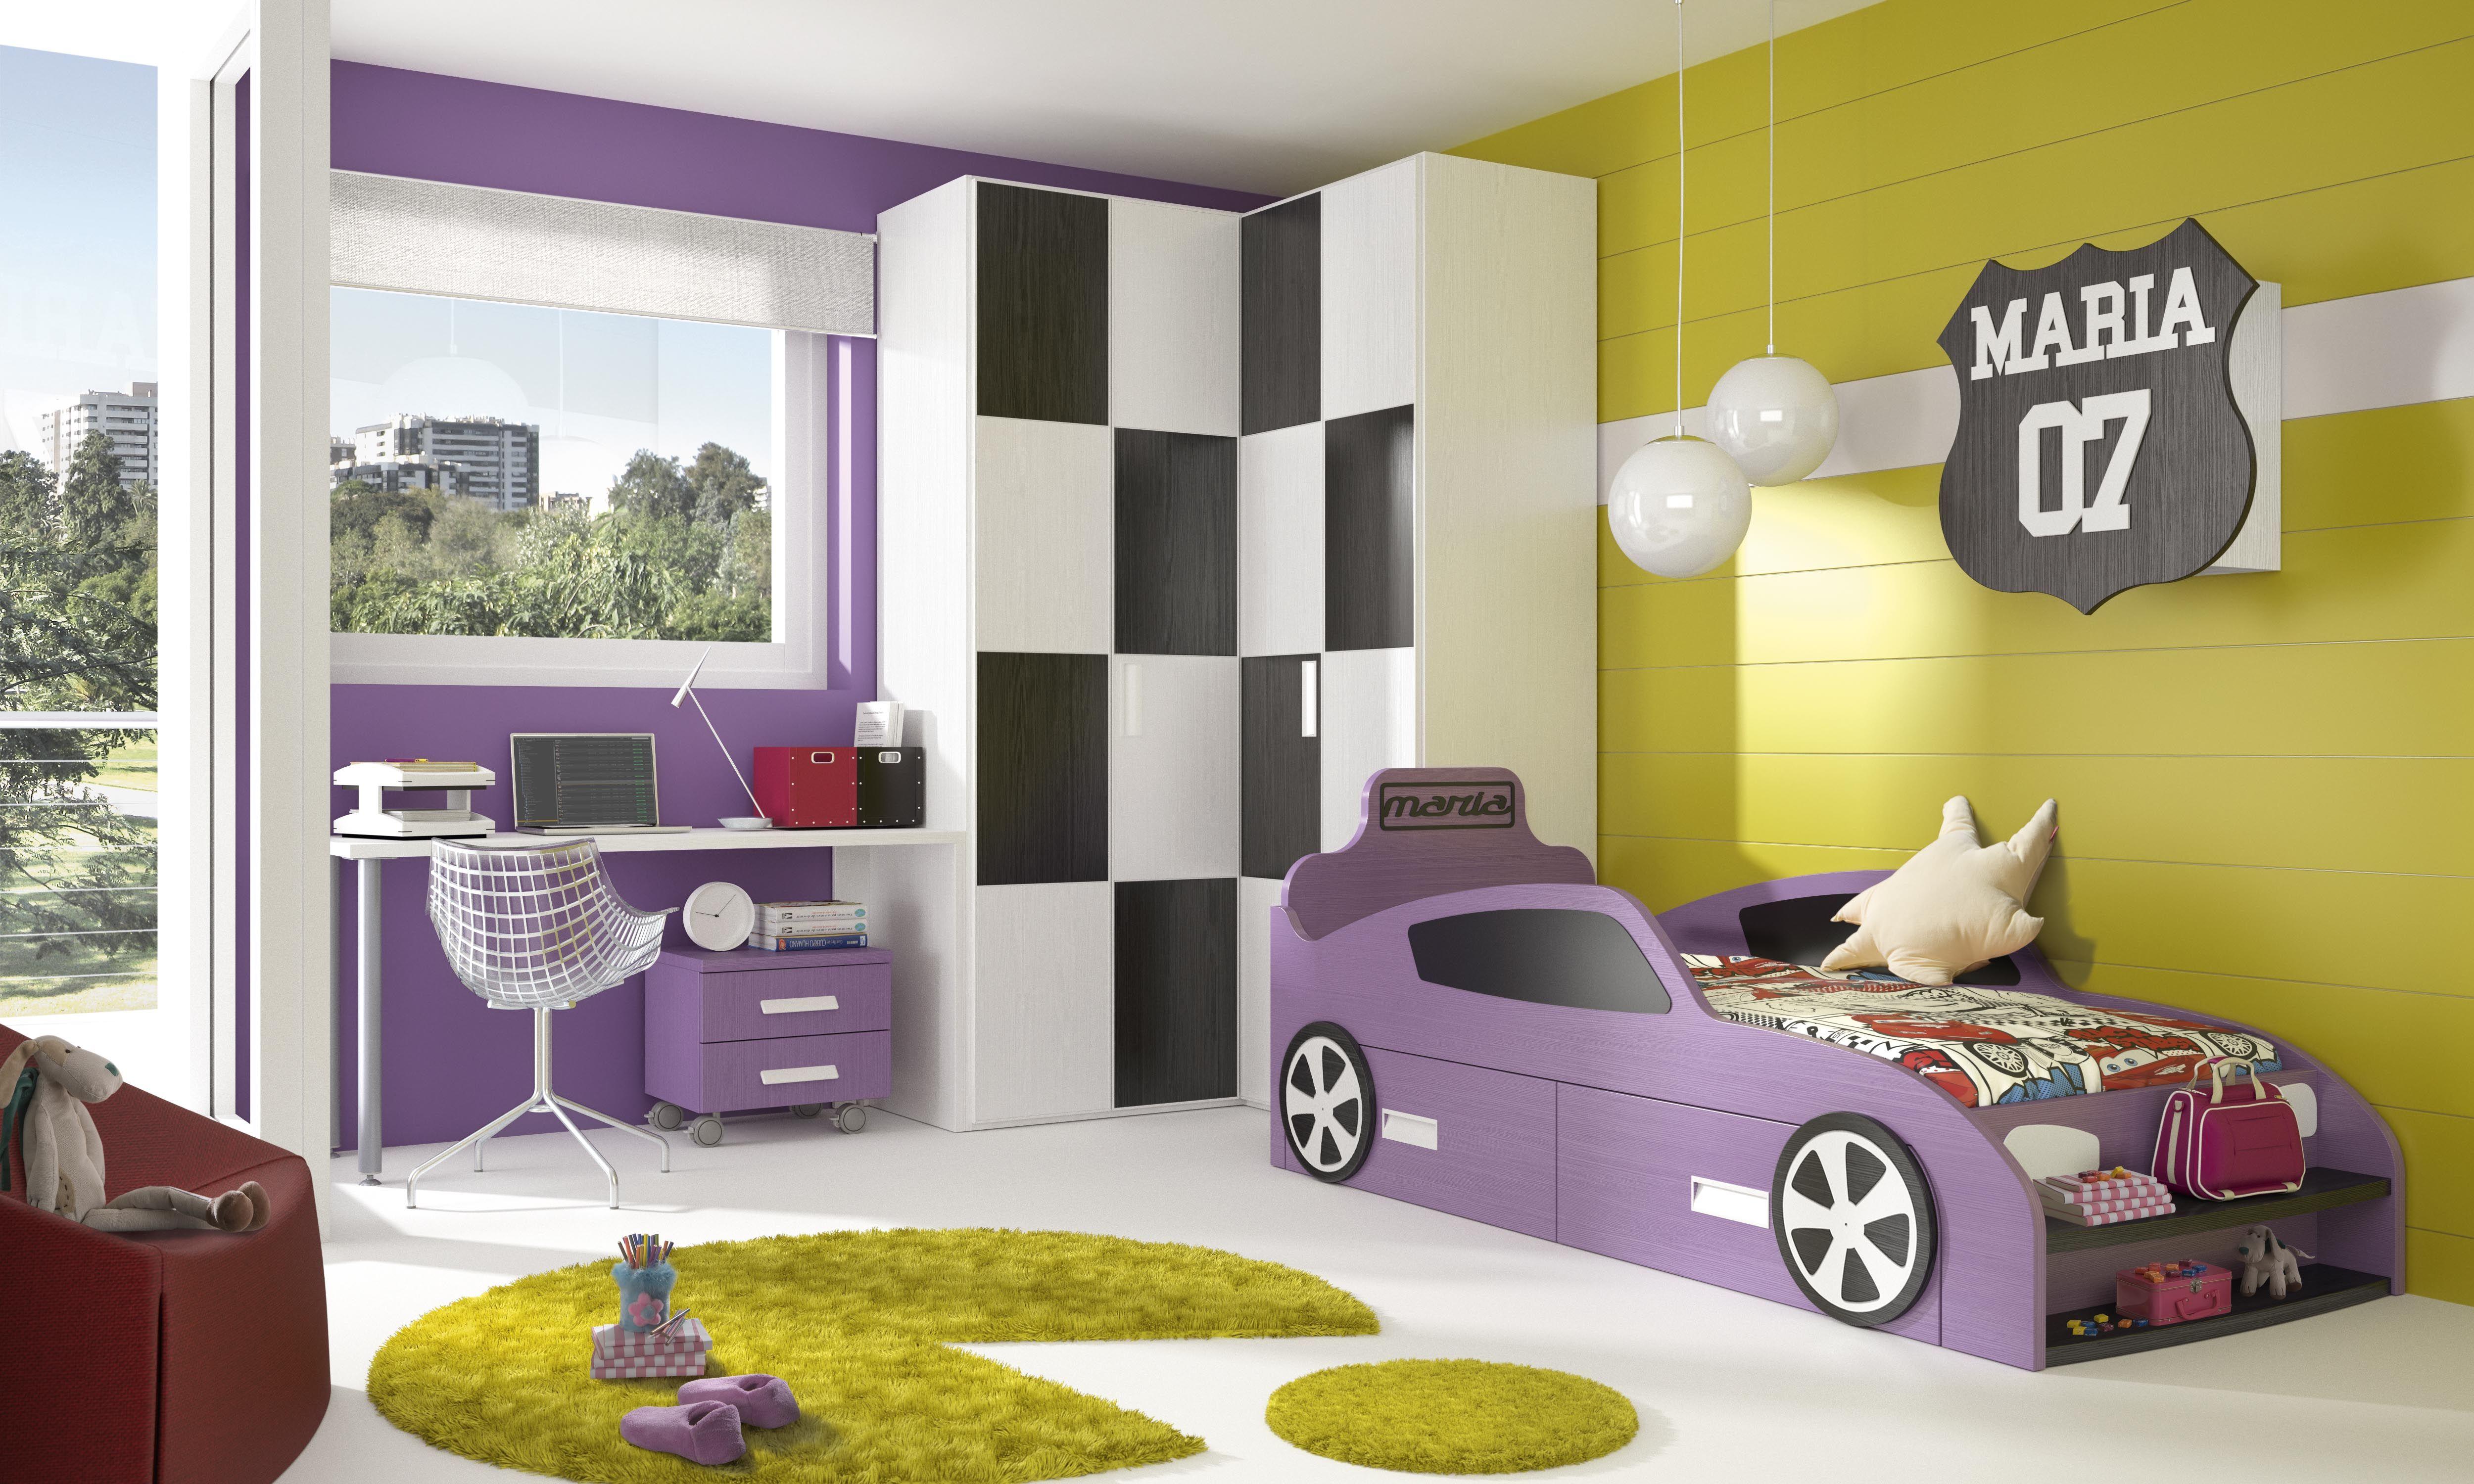 Habitaciones infantiles tem ticas dibujos animados coches6 - Muebles para cuarto de nina ...